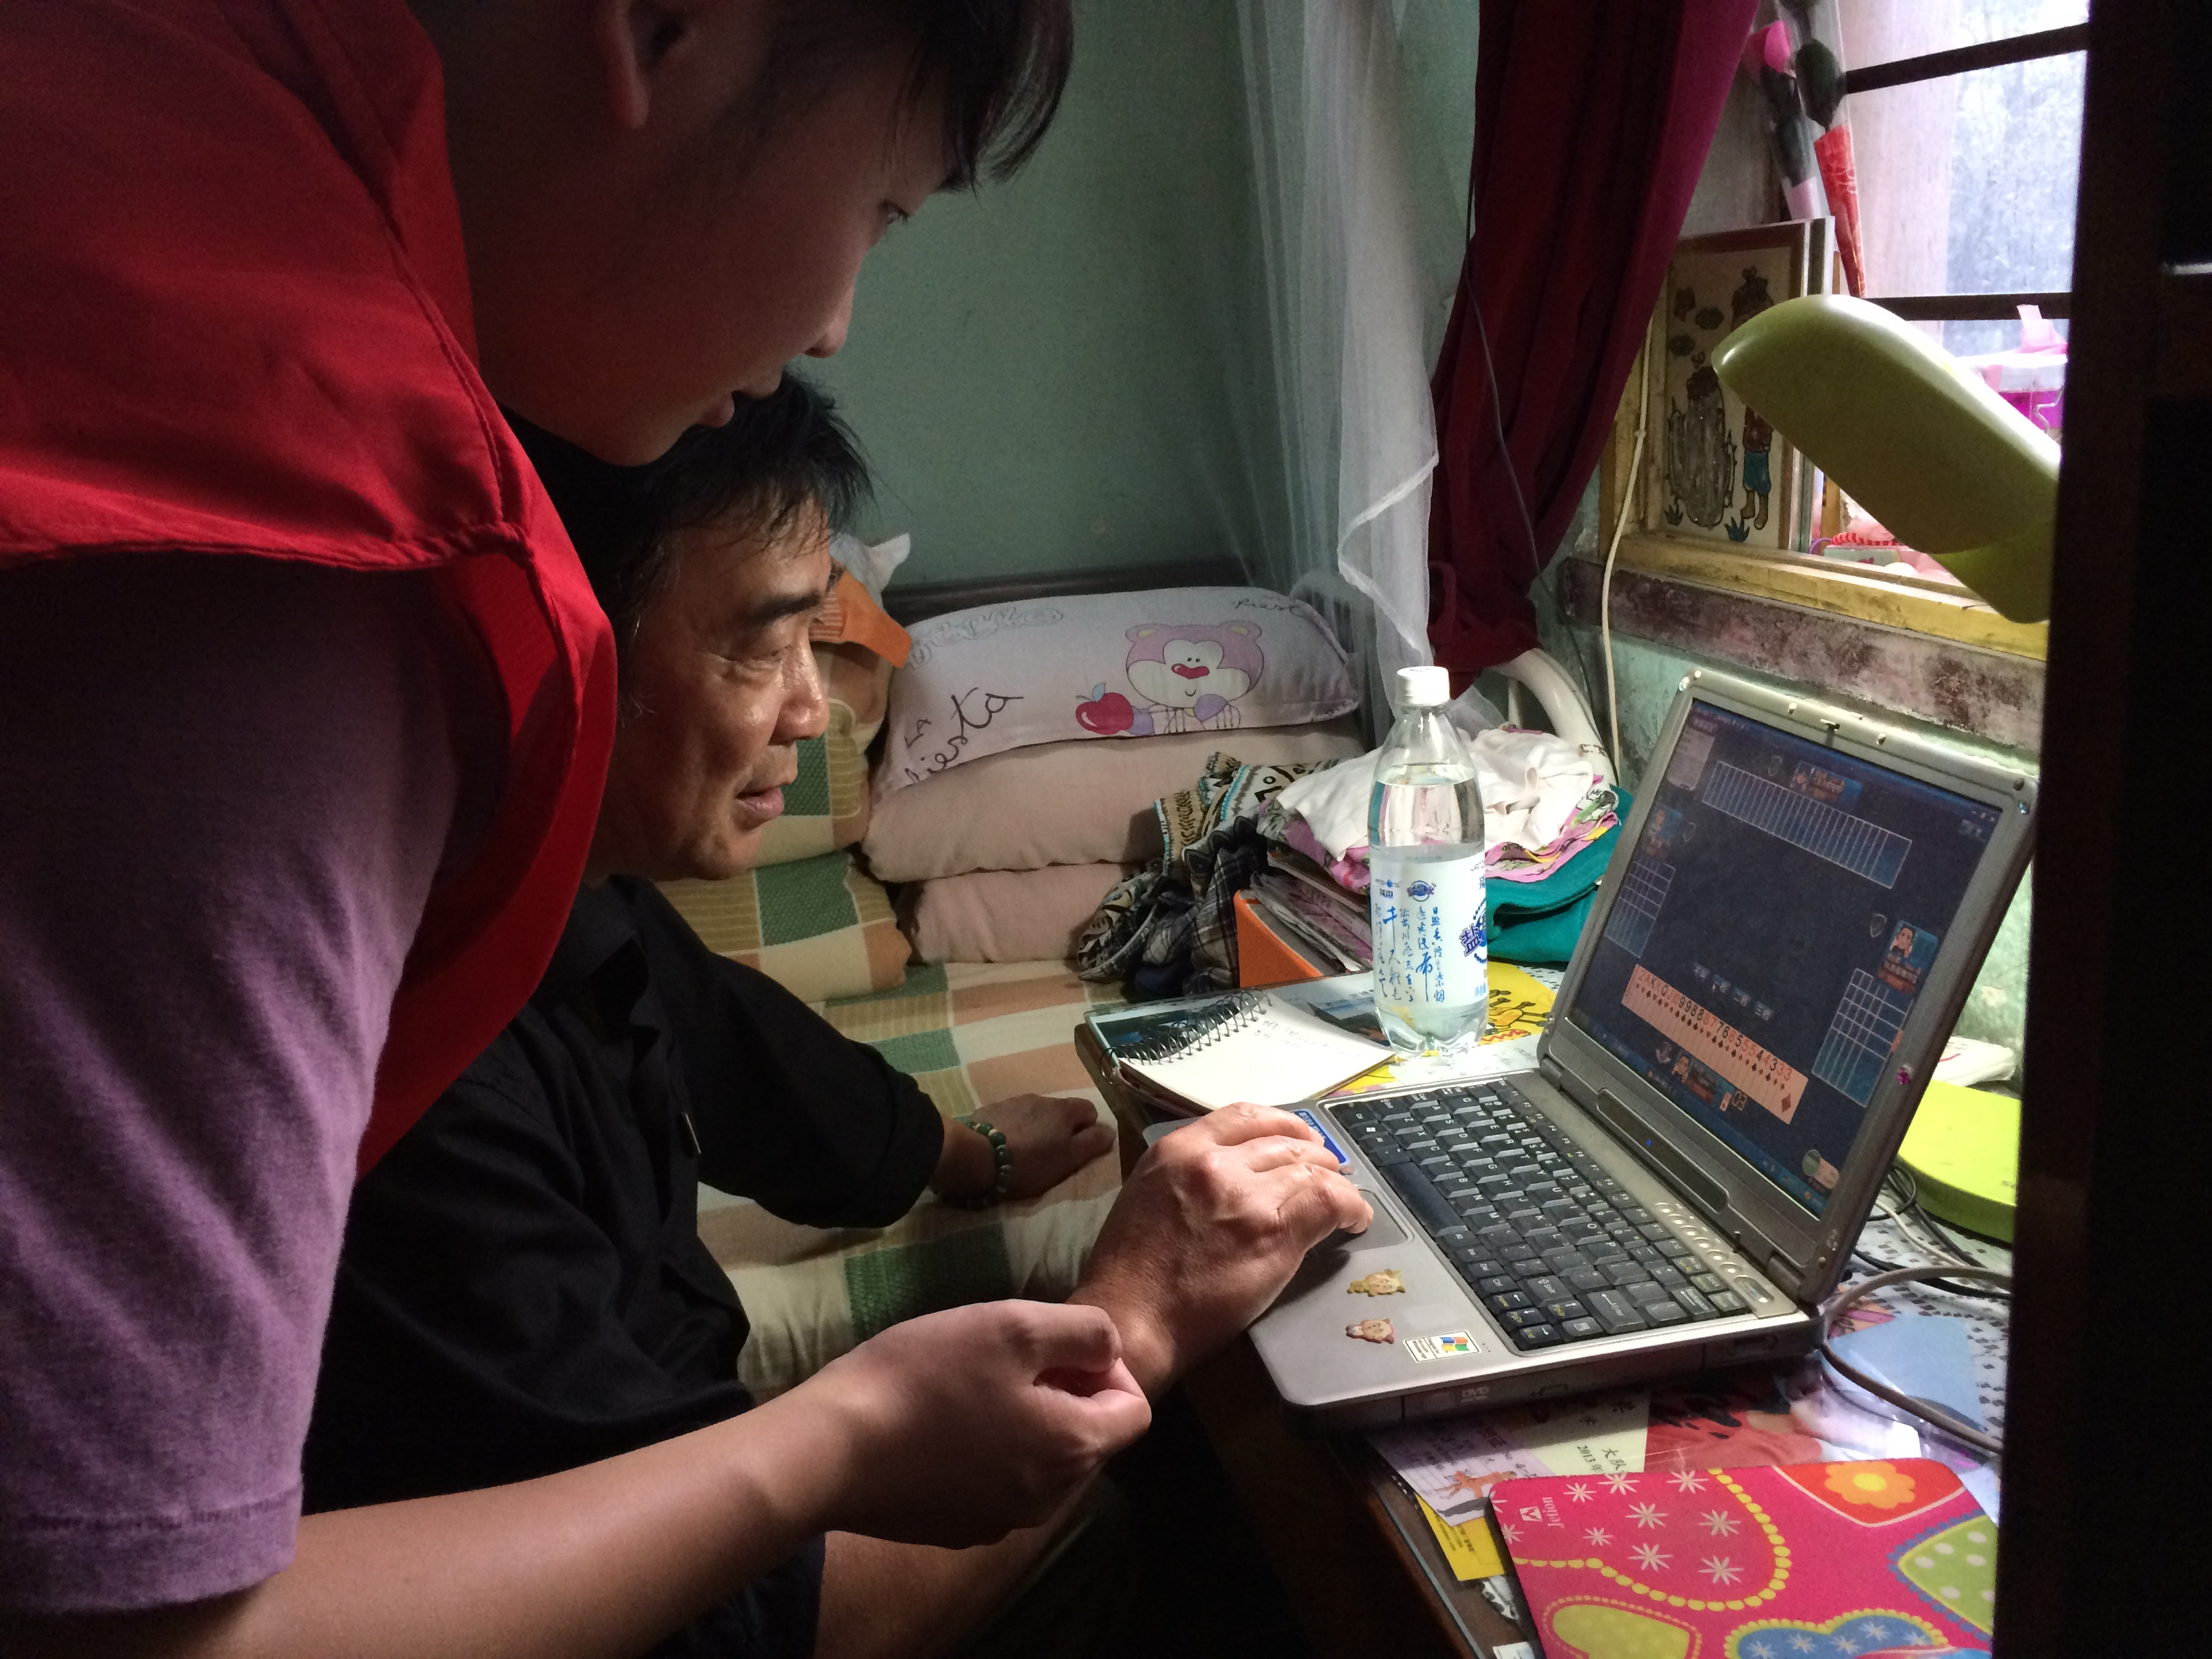 中国游戏中心是集文化、游戏、休闲、竞技、商务为一体的大型休闲文化社区,各类休闲棋牌游戏精彩纷呈。中国游起个什么棋牌室的名字好戏中心大厅官方版是中国国内乃至全球华人知名的游戏网站.新面对面棋牌游戏客户端是一款可以通过视频的方式玩游戏的棋牌游戏平台,能够让您在游戏中观看美女和帅哥,欢迎你来IT猫扑下载。新面对面棋牌最新版特色新平台,高品.